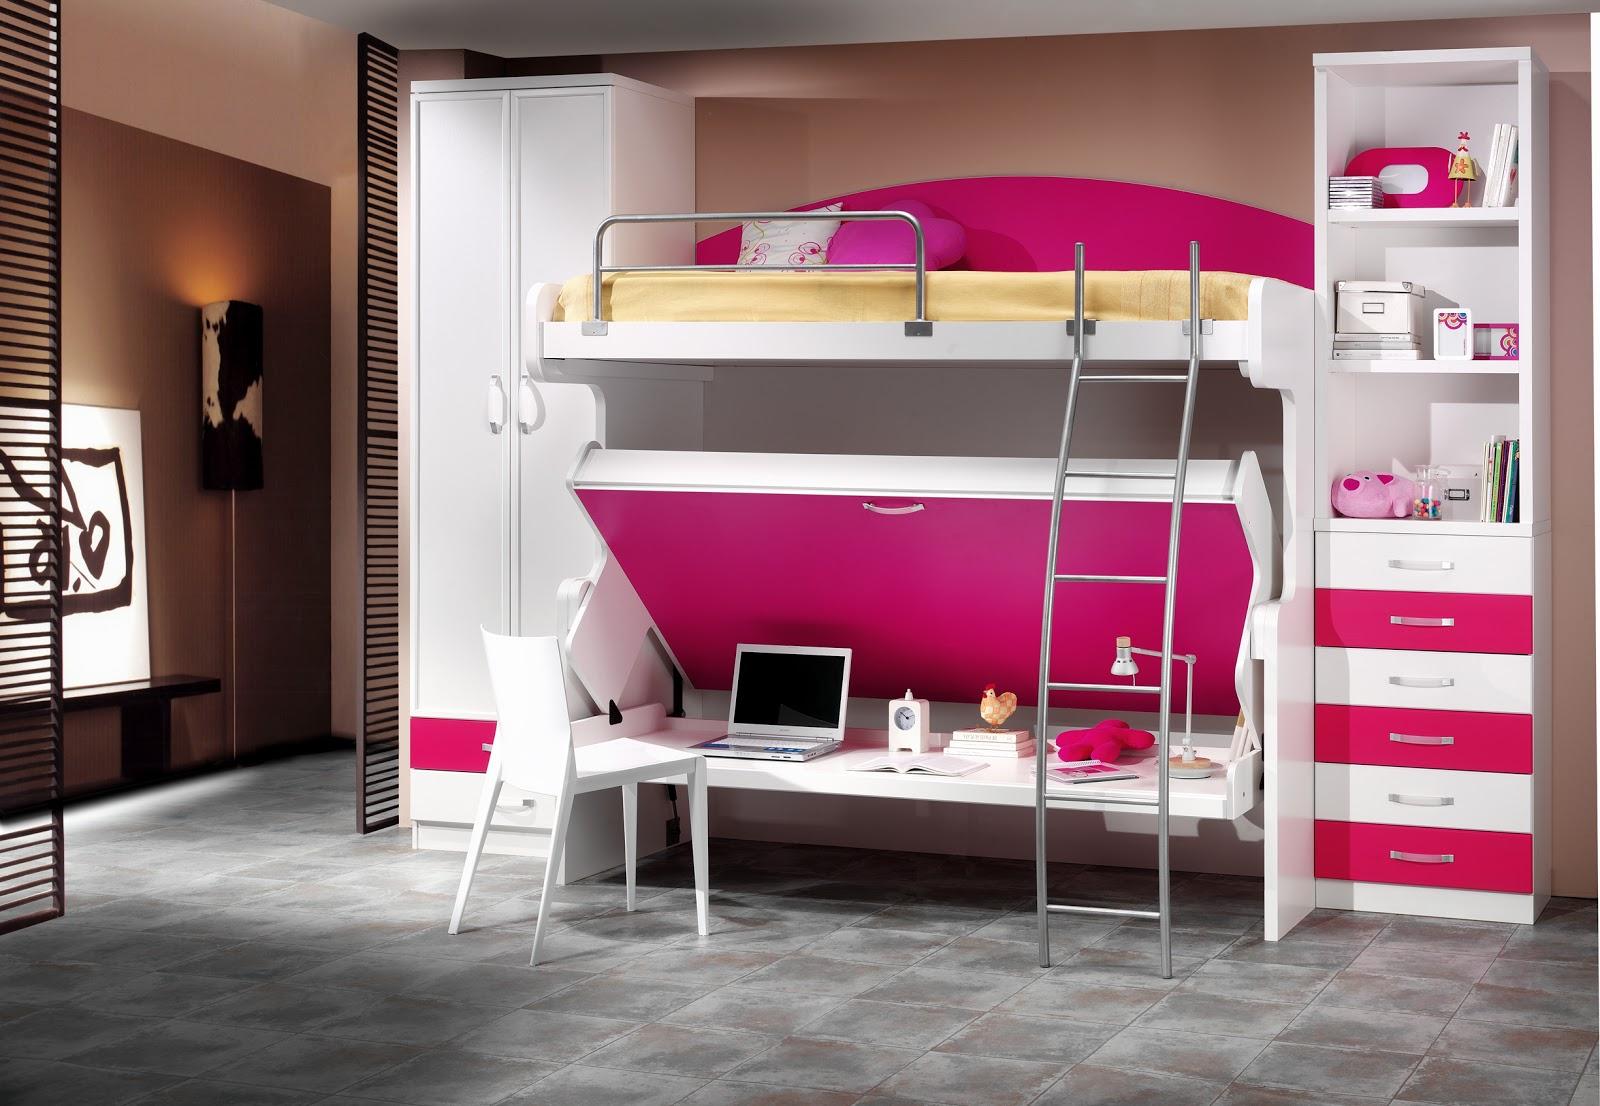 Muebles juveniles dormitorios infantiles y habitaciones for Dormitorios con literas